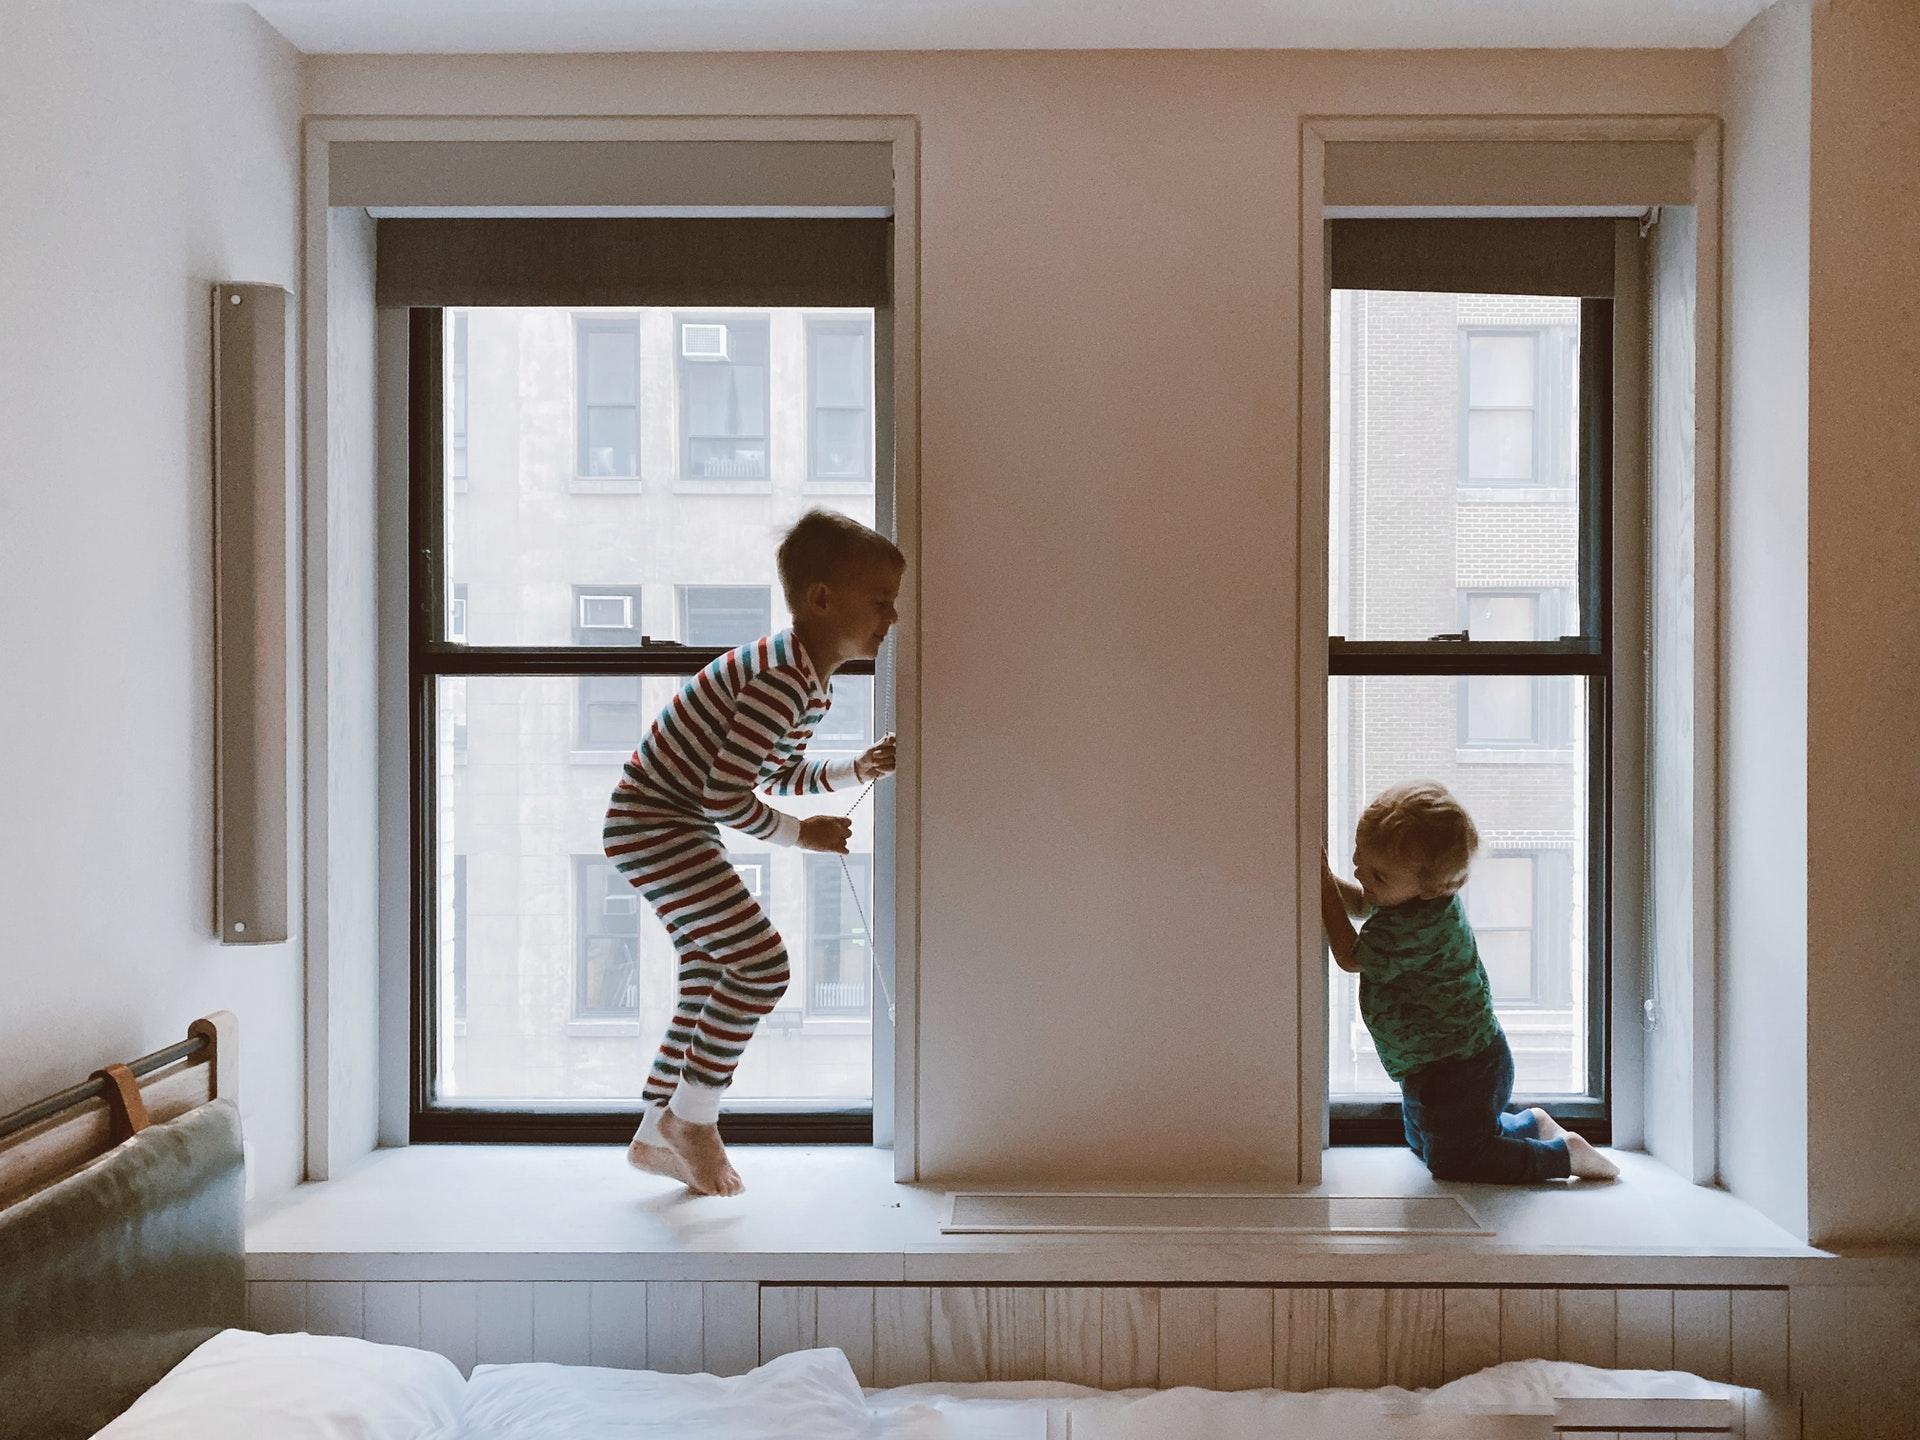 La mejor manera de proteger a los niños pequeños de los accidentes del hogar es vigilarlos.